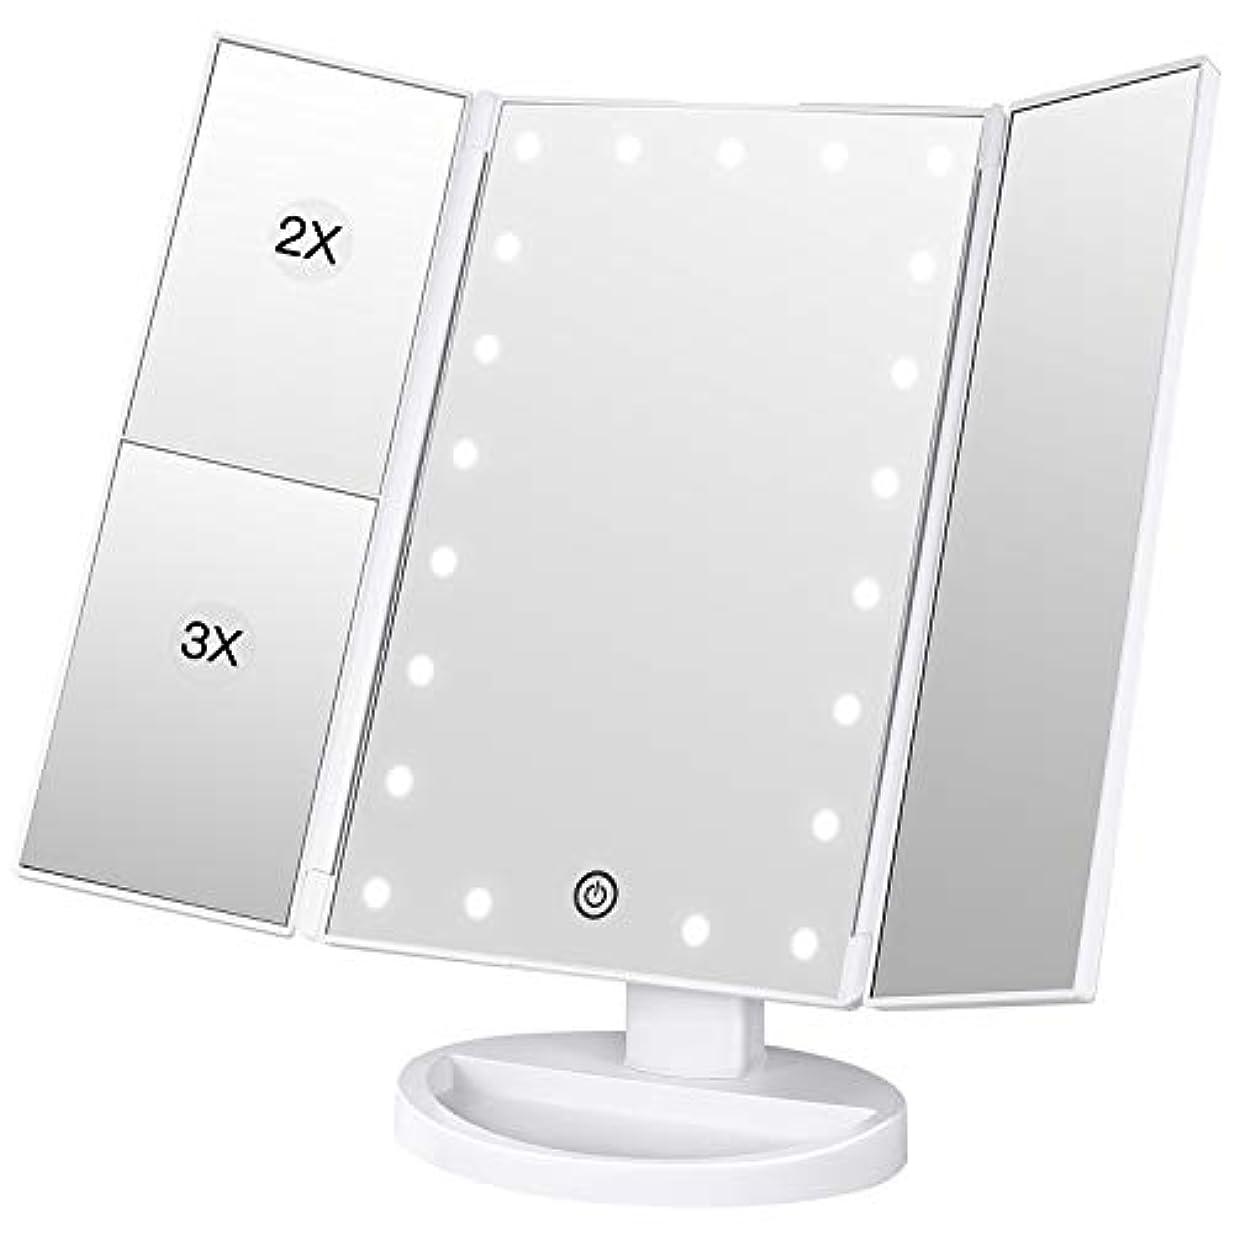 繊毛喜ぶはっきりとBESTOPE 化粧鏡 化粧ミラー 鏡 三面鏡 女優ミラー 卓上 led付き 折りたたみ 拡大鏡 2&3倍 明るさ調節可能 180°回転 電池&USB 2WAY給電